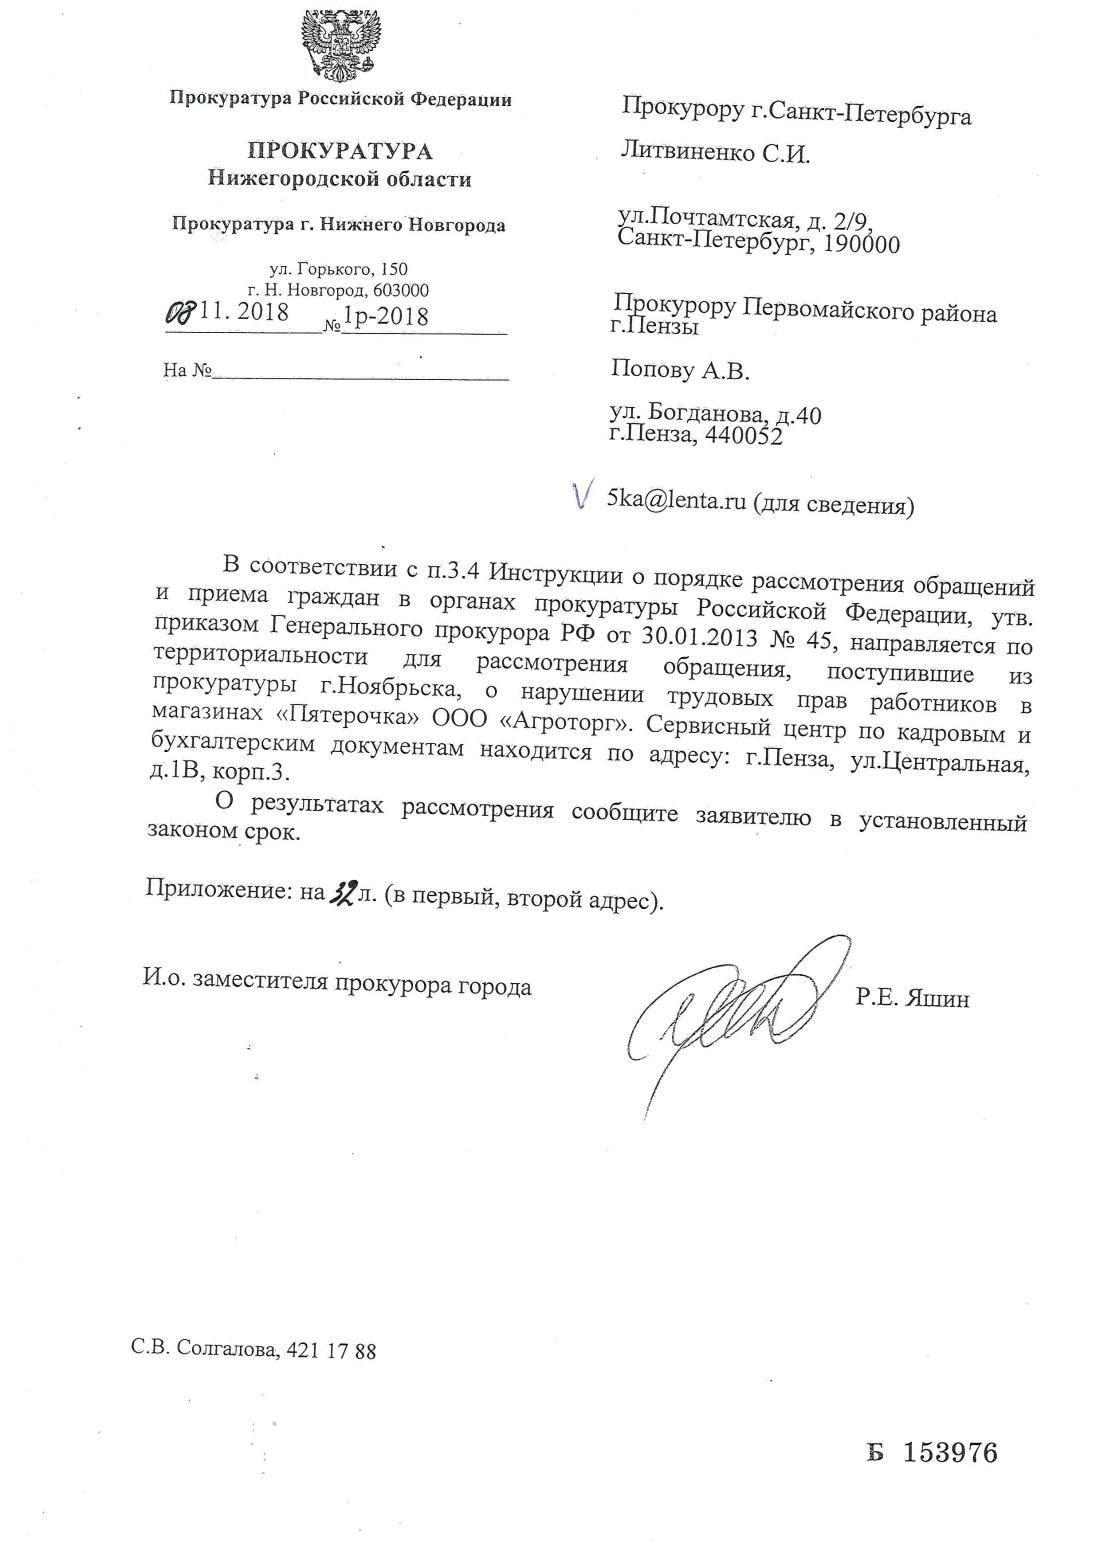 Письмо из прокуратуры г. Нижнего Новгорода от 08.11.2018 № 1р-2018